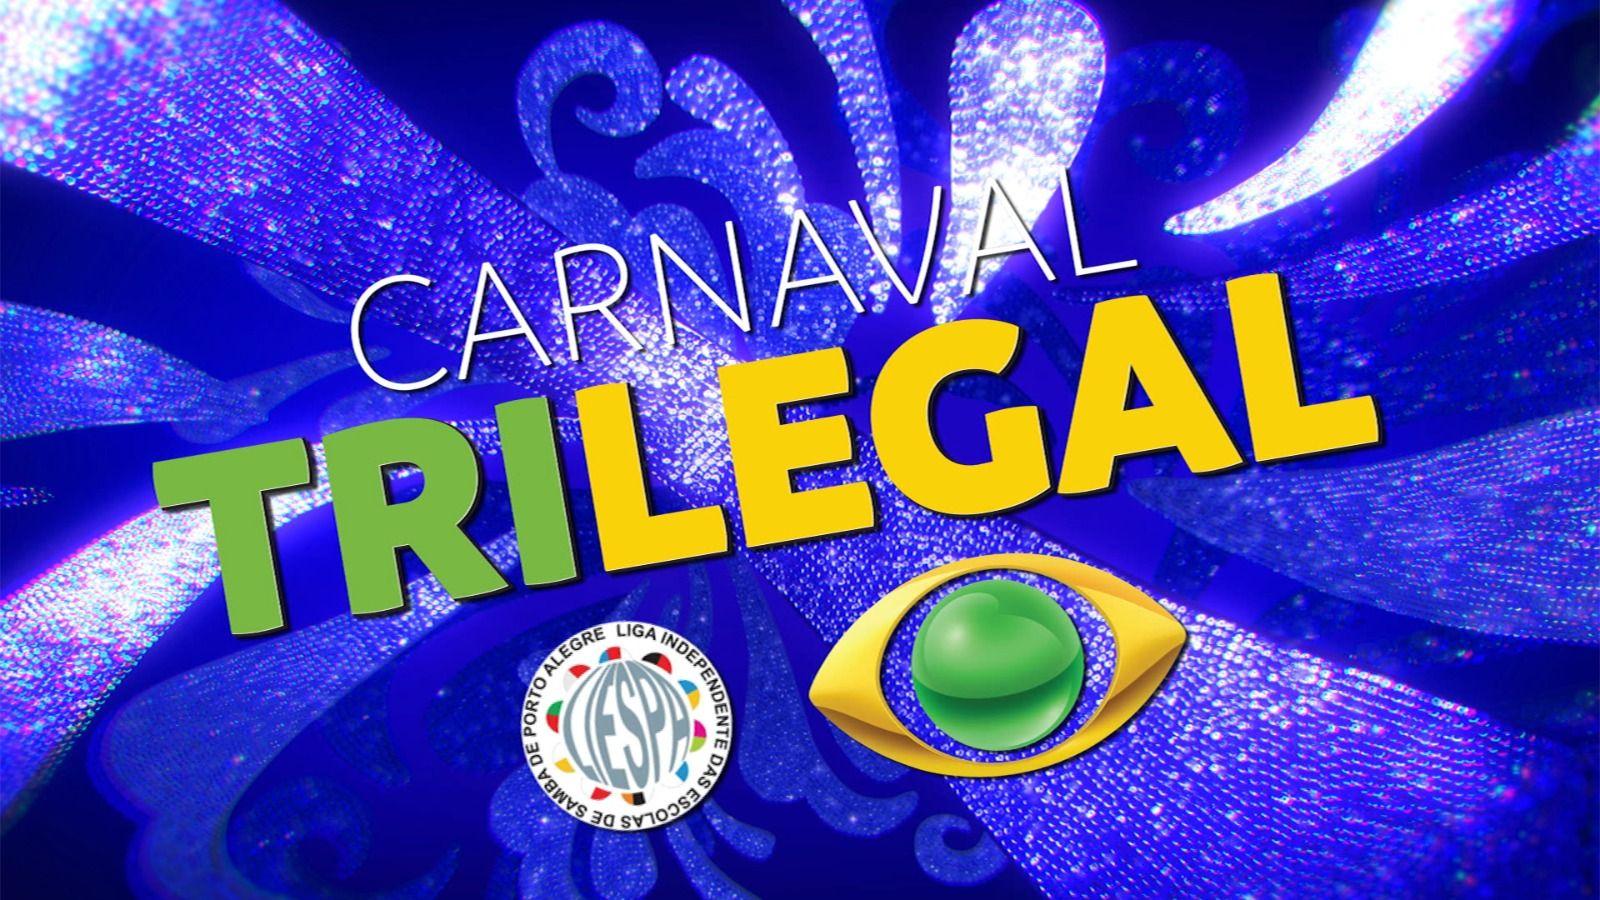 Band RS transmitirá carnaval também pelo site e facebook